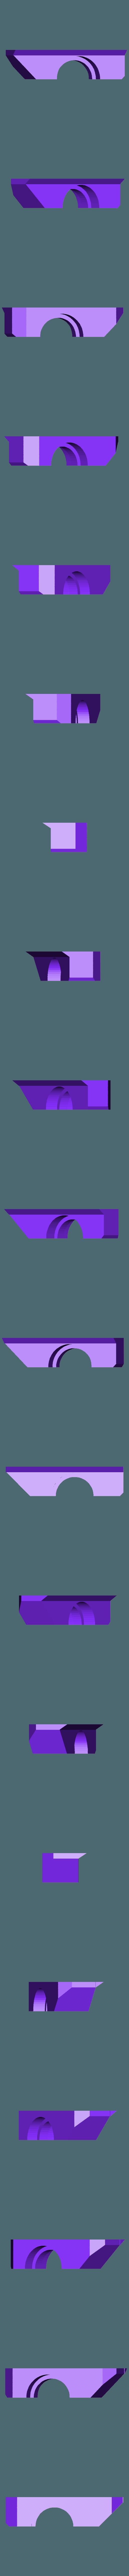 Printrbot_Multi_Pro_Mid.stl Télécharger fichier STL gratuit Printrbot Multi • Objet à imprimer en 3D, rushmere3d